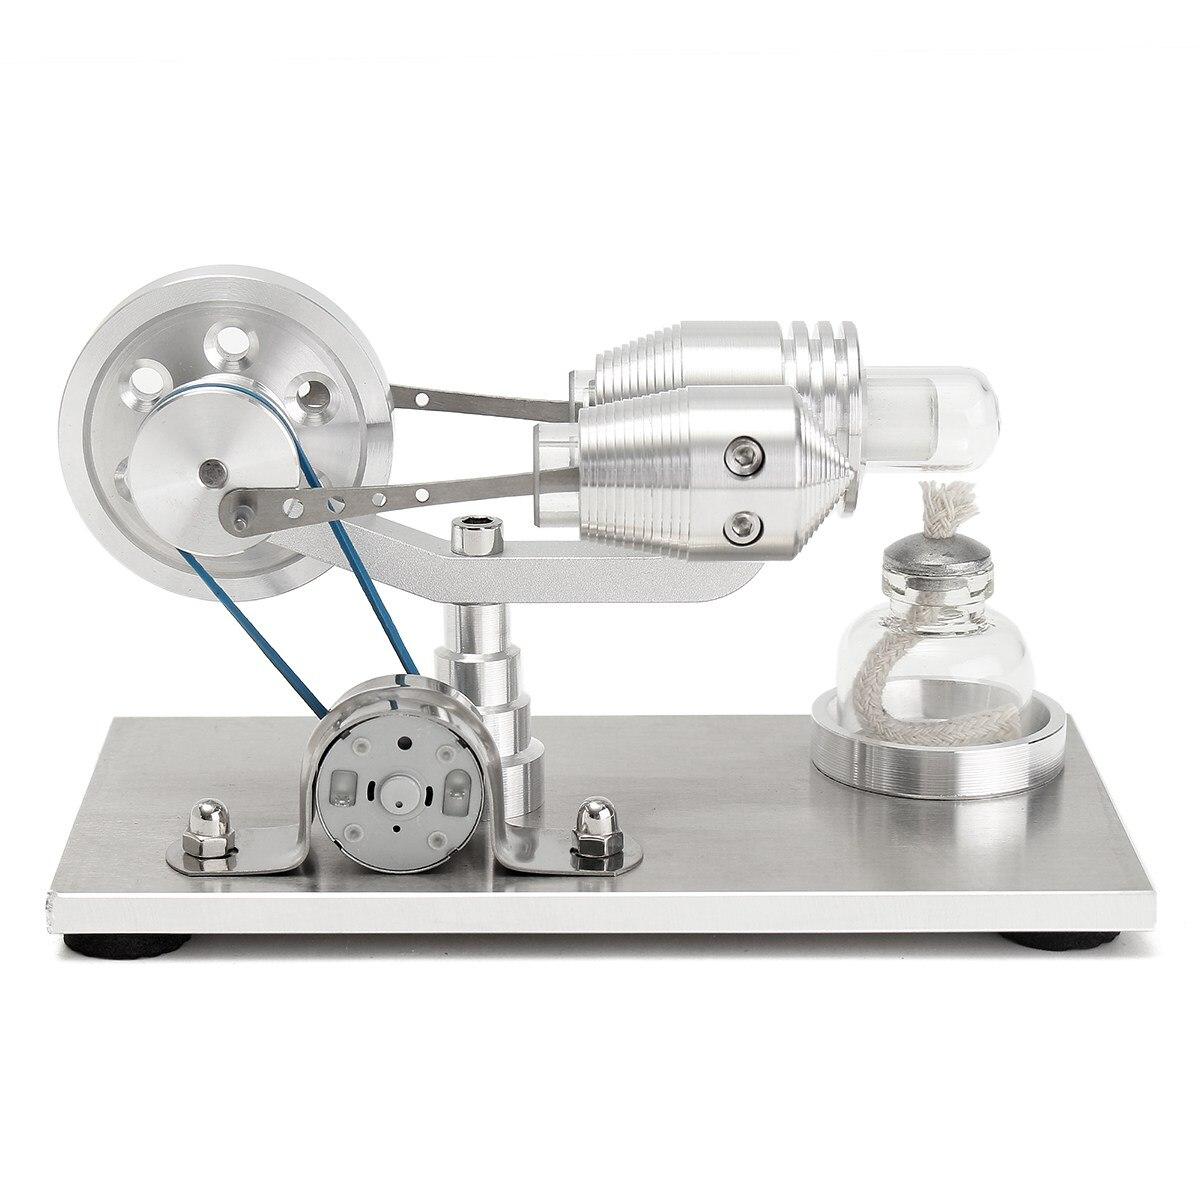 Nouveauté en acier inoxydable Mini moteur à Air chaud Stirling moteur modèle éducatif jouet Science expérience Kit ensemble pour les enfants